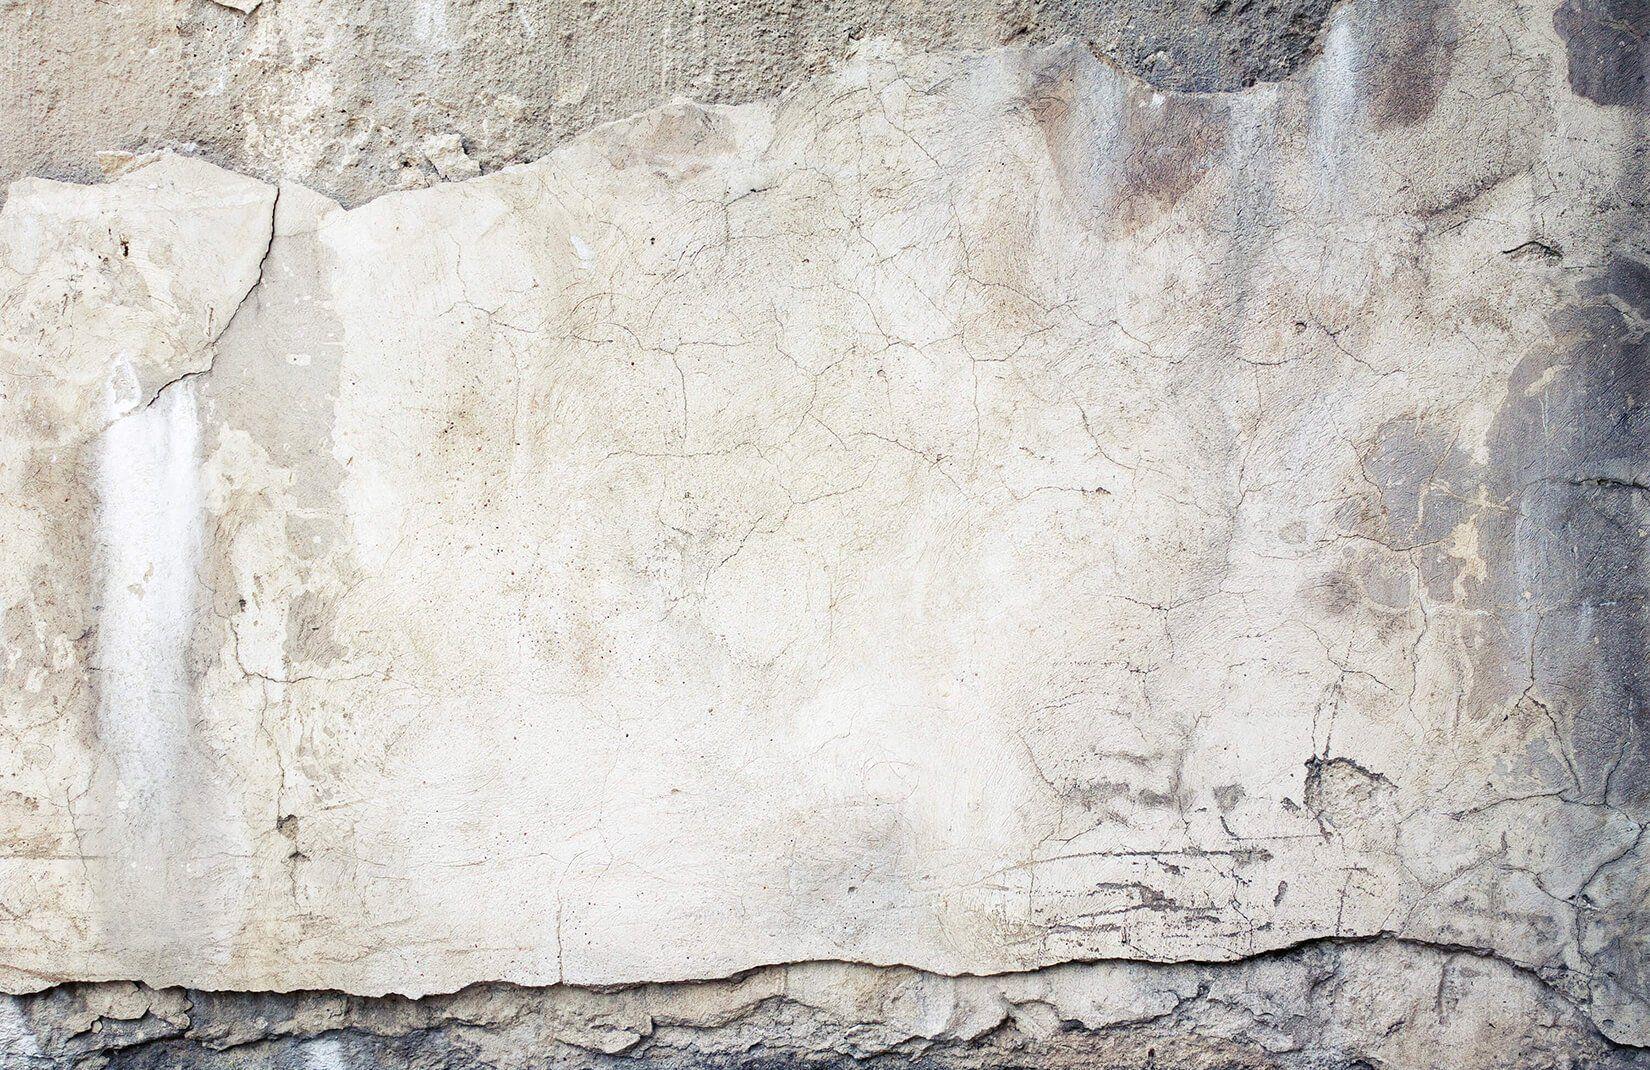 Broken Concrete Wallpaper Mural Murals Wallpaper In 2020 Concrete Wallpaper Concrete Wall Broken Concrete